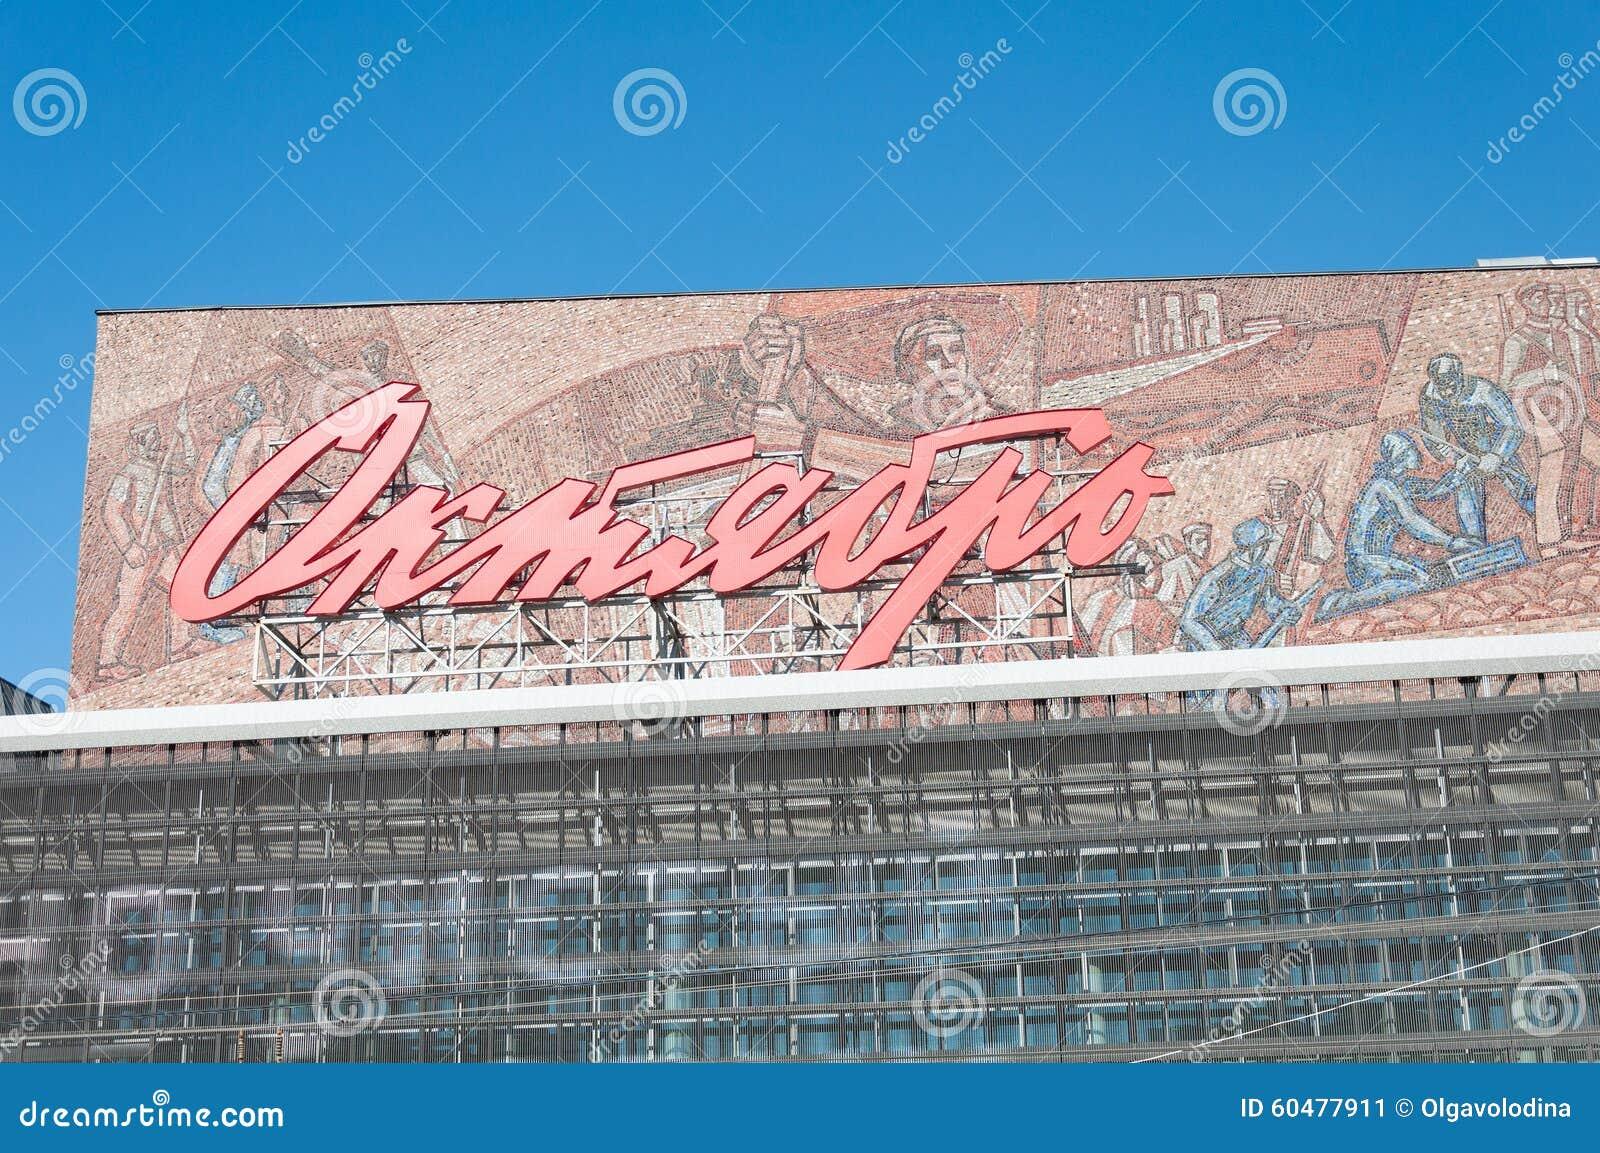 Москва, Россия - 09 21 2015 Кино в октябре на Novy Arbat - образце советской архитектуры в СССР